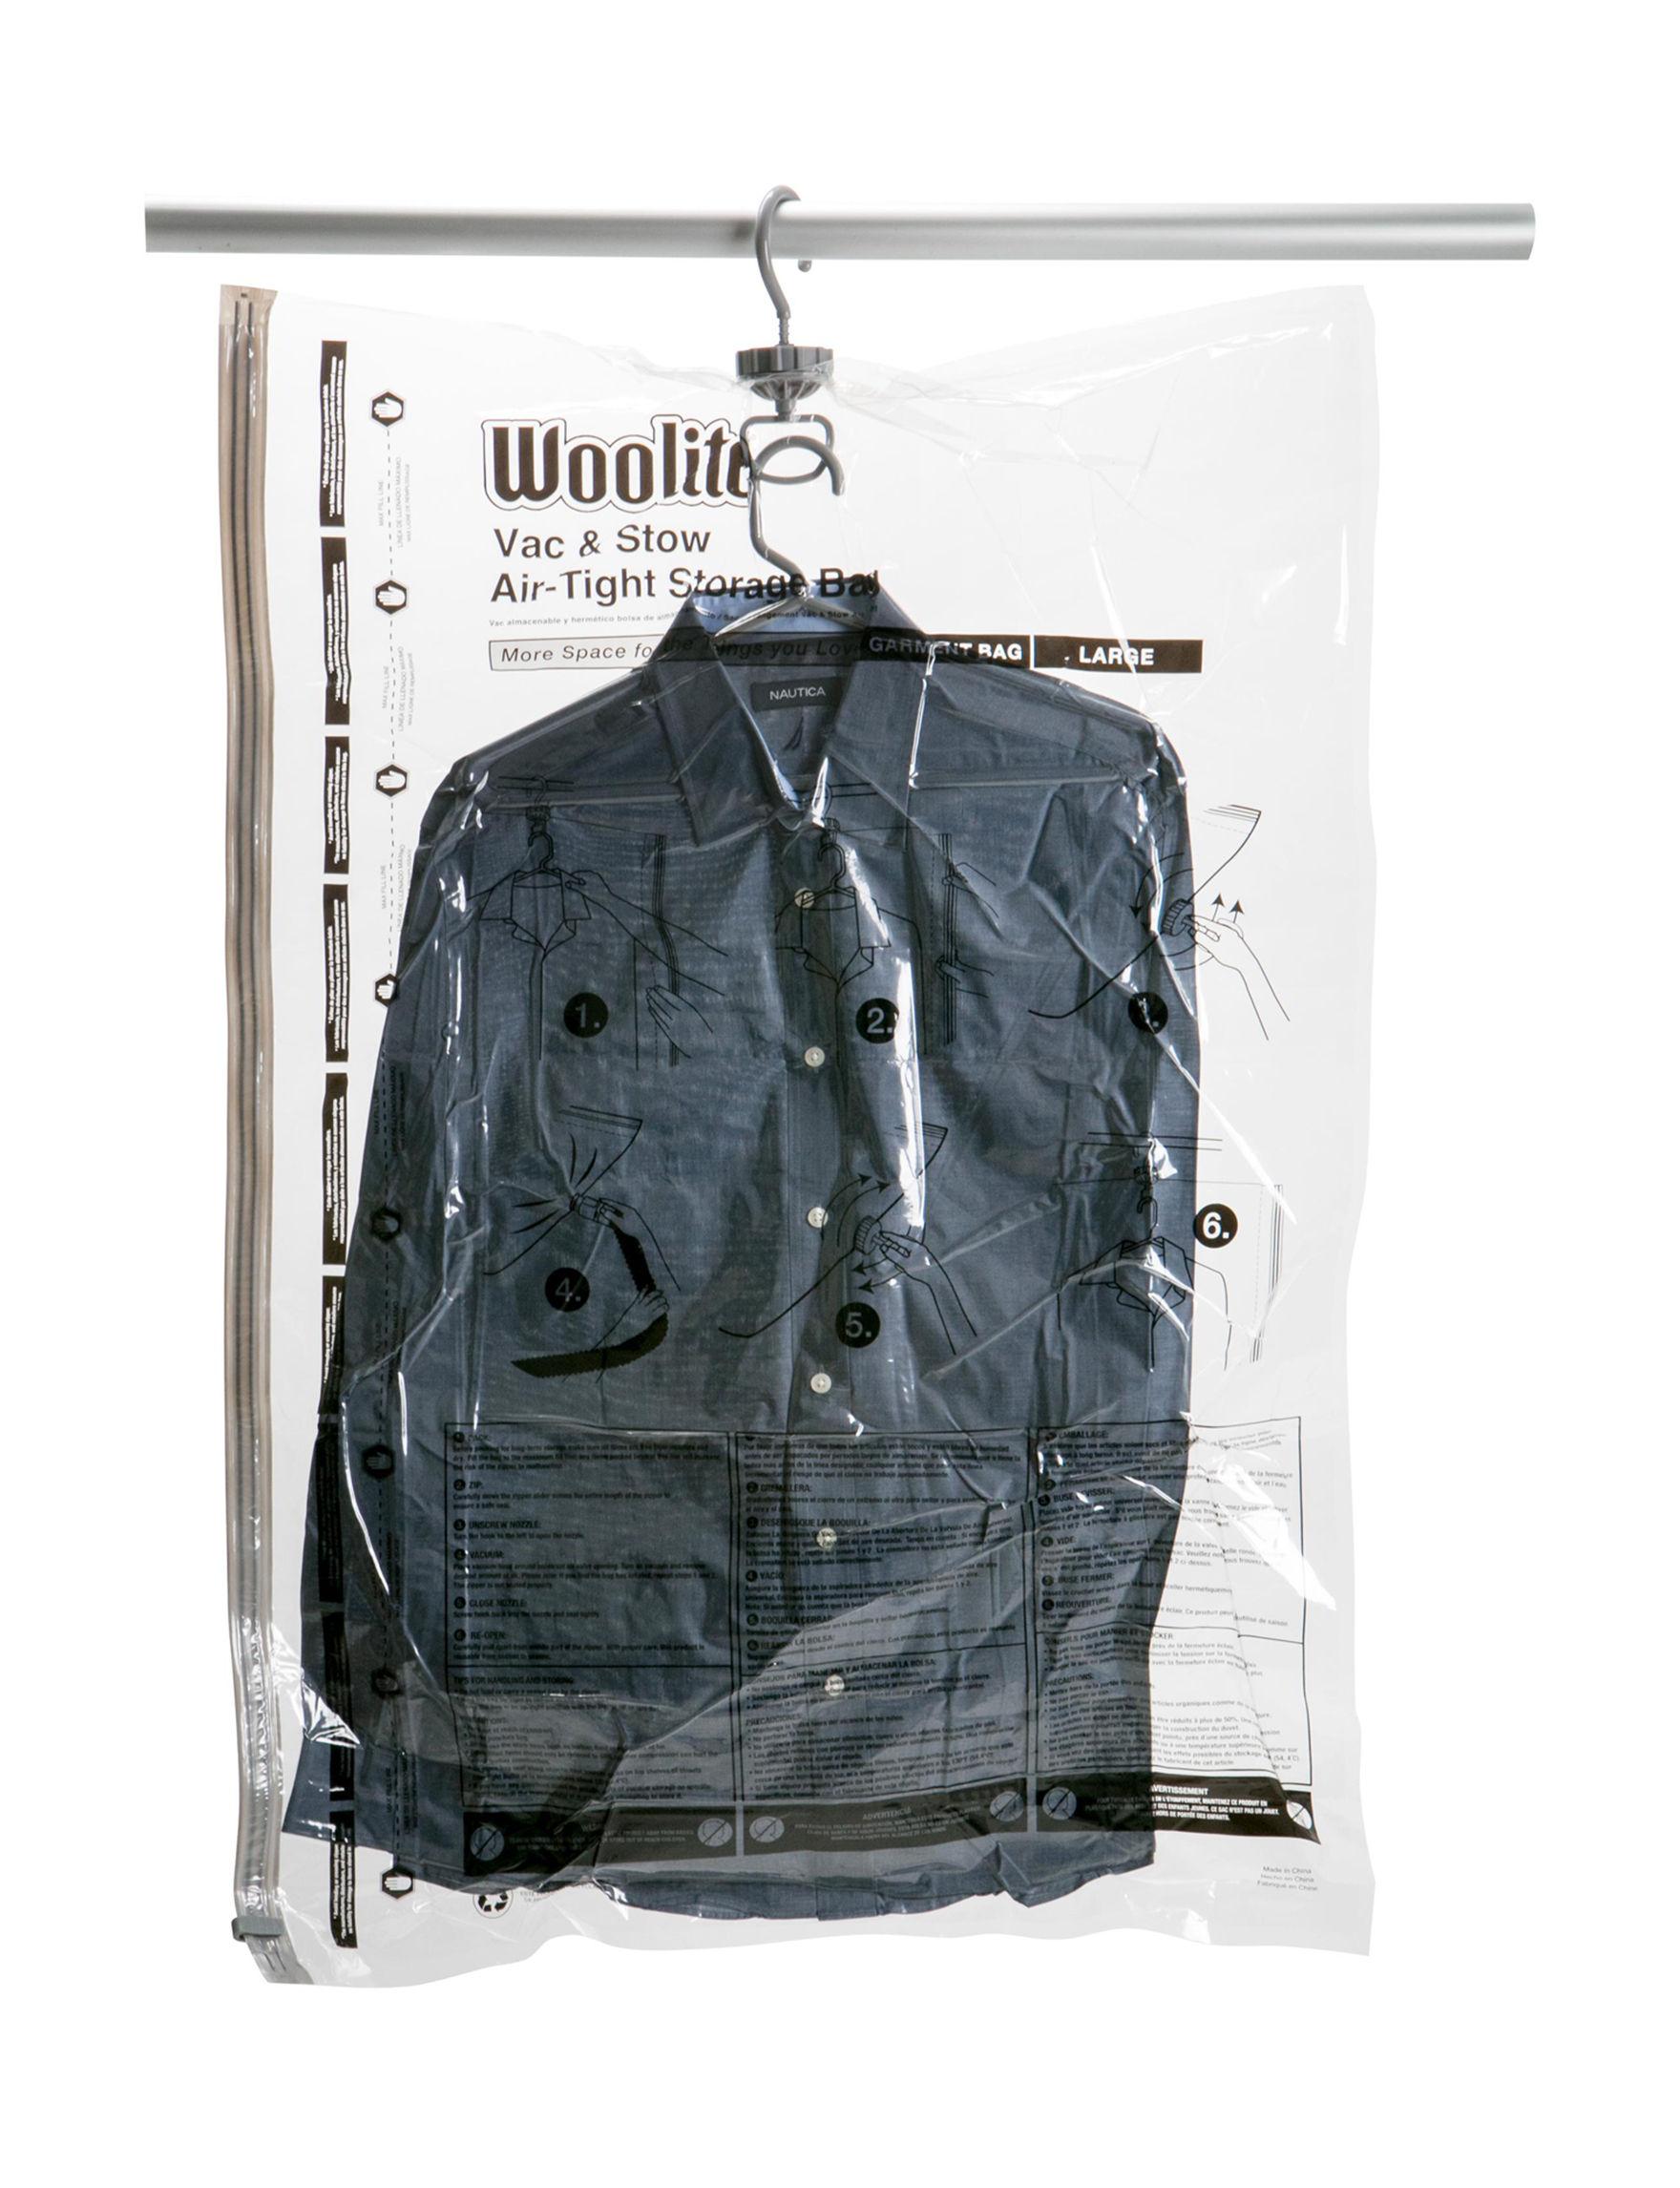 220c553b4b8b Woolite Vacuum-Sealed Hanging Storage Bag